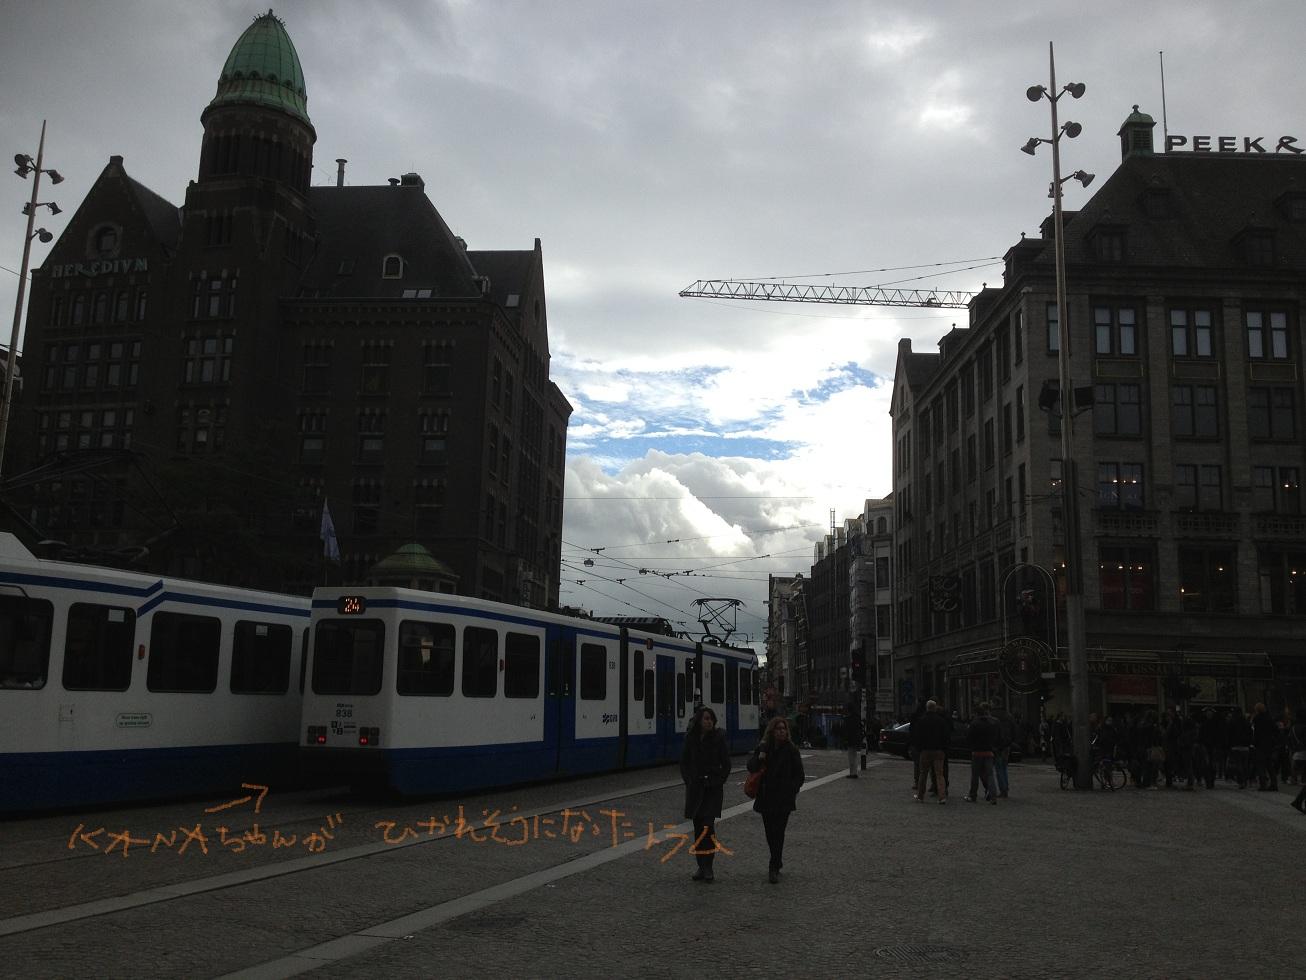 アムステルダム 1_a0088007_21412447.jpg